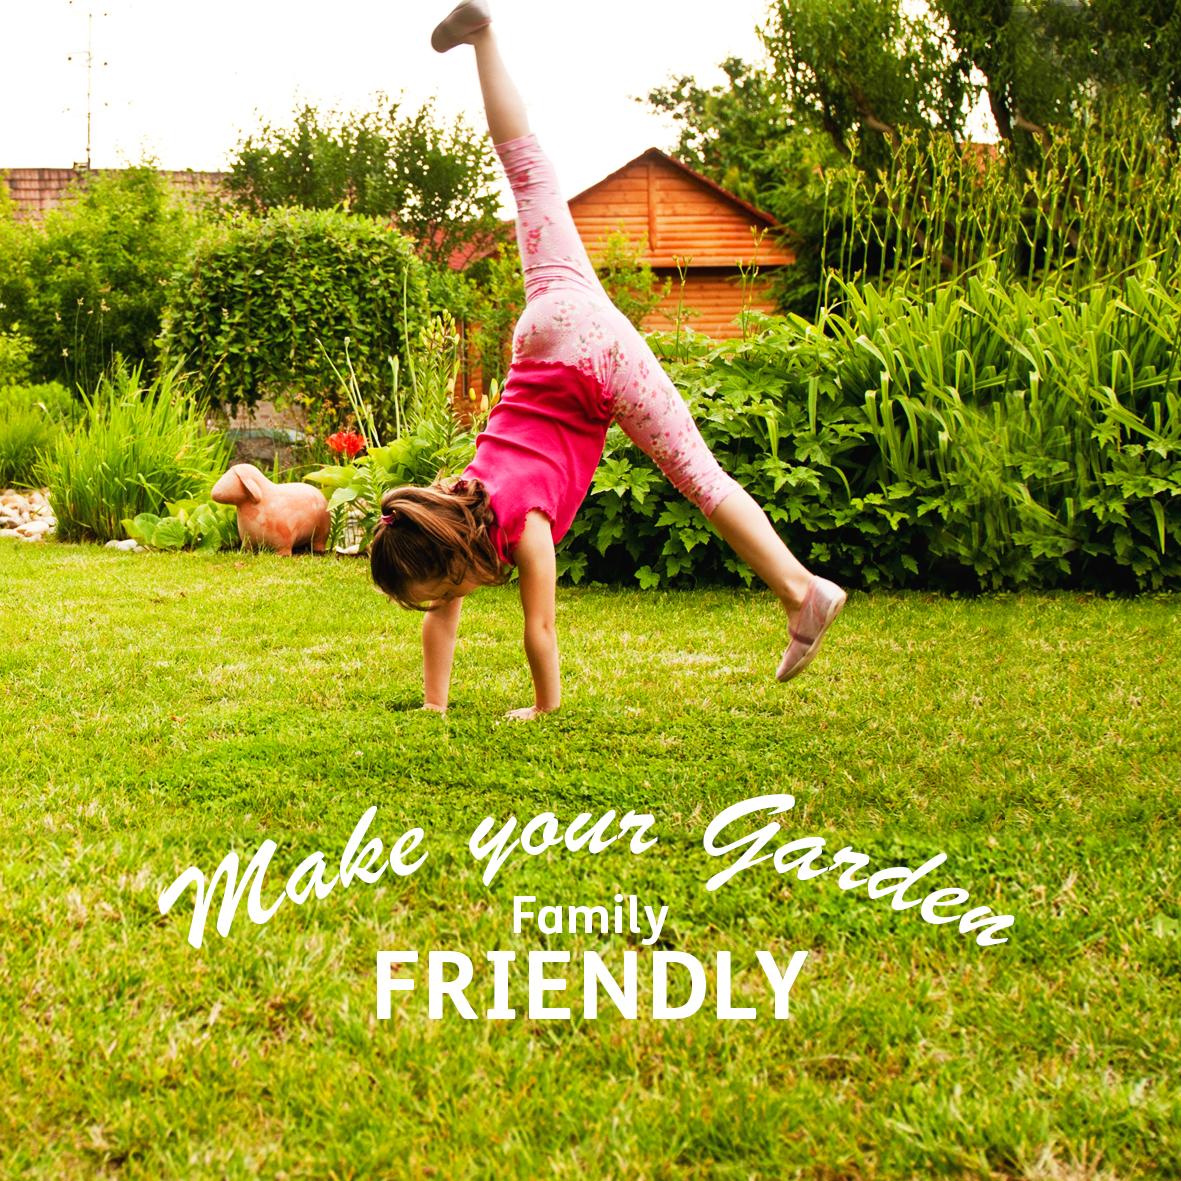 Make your garden